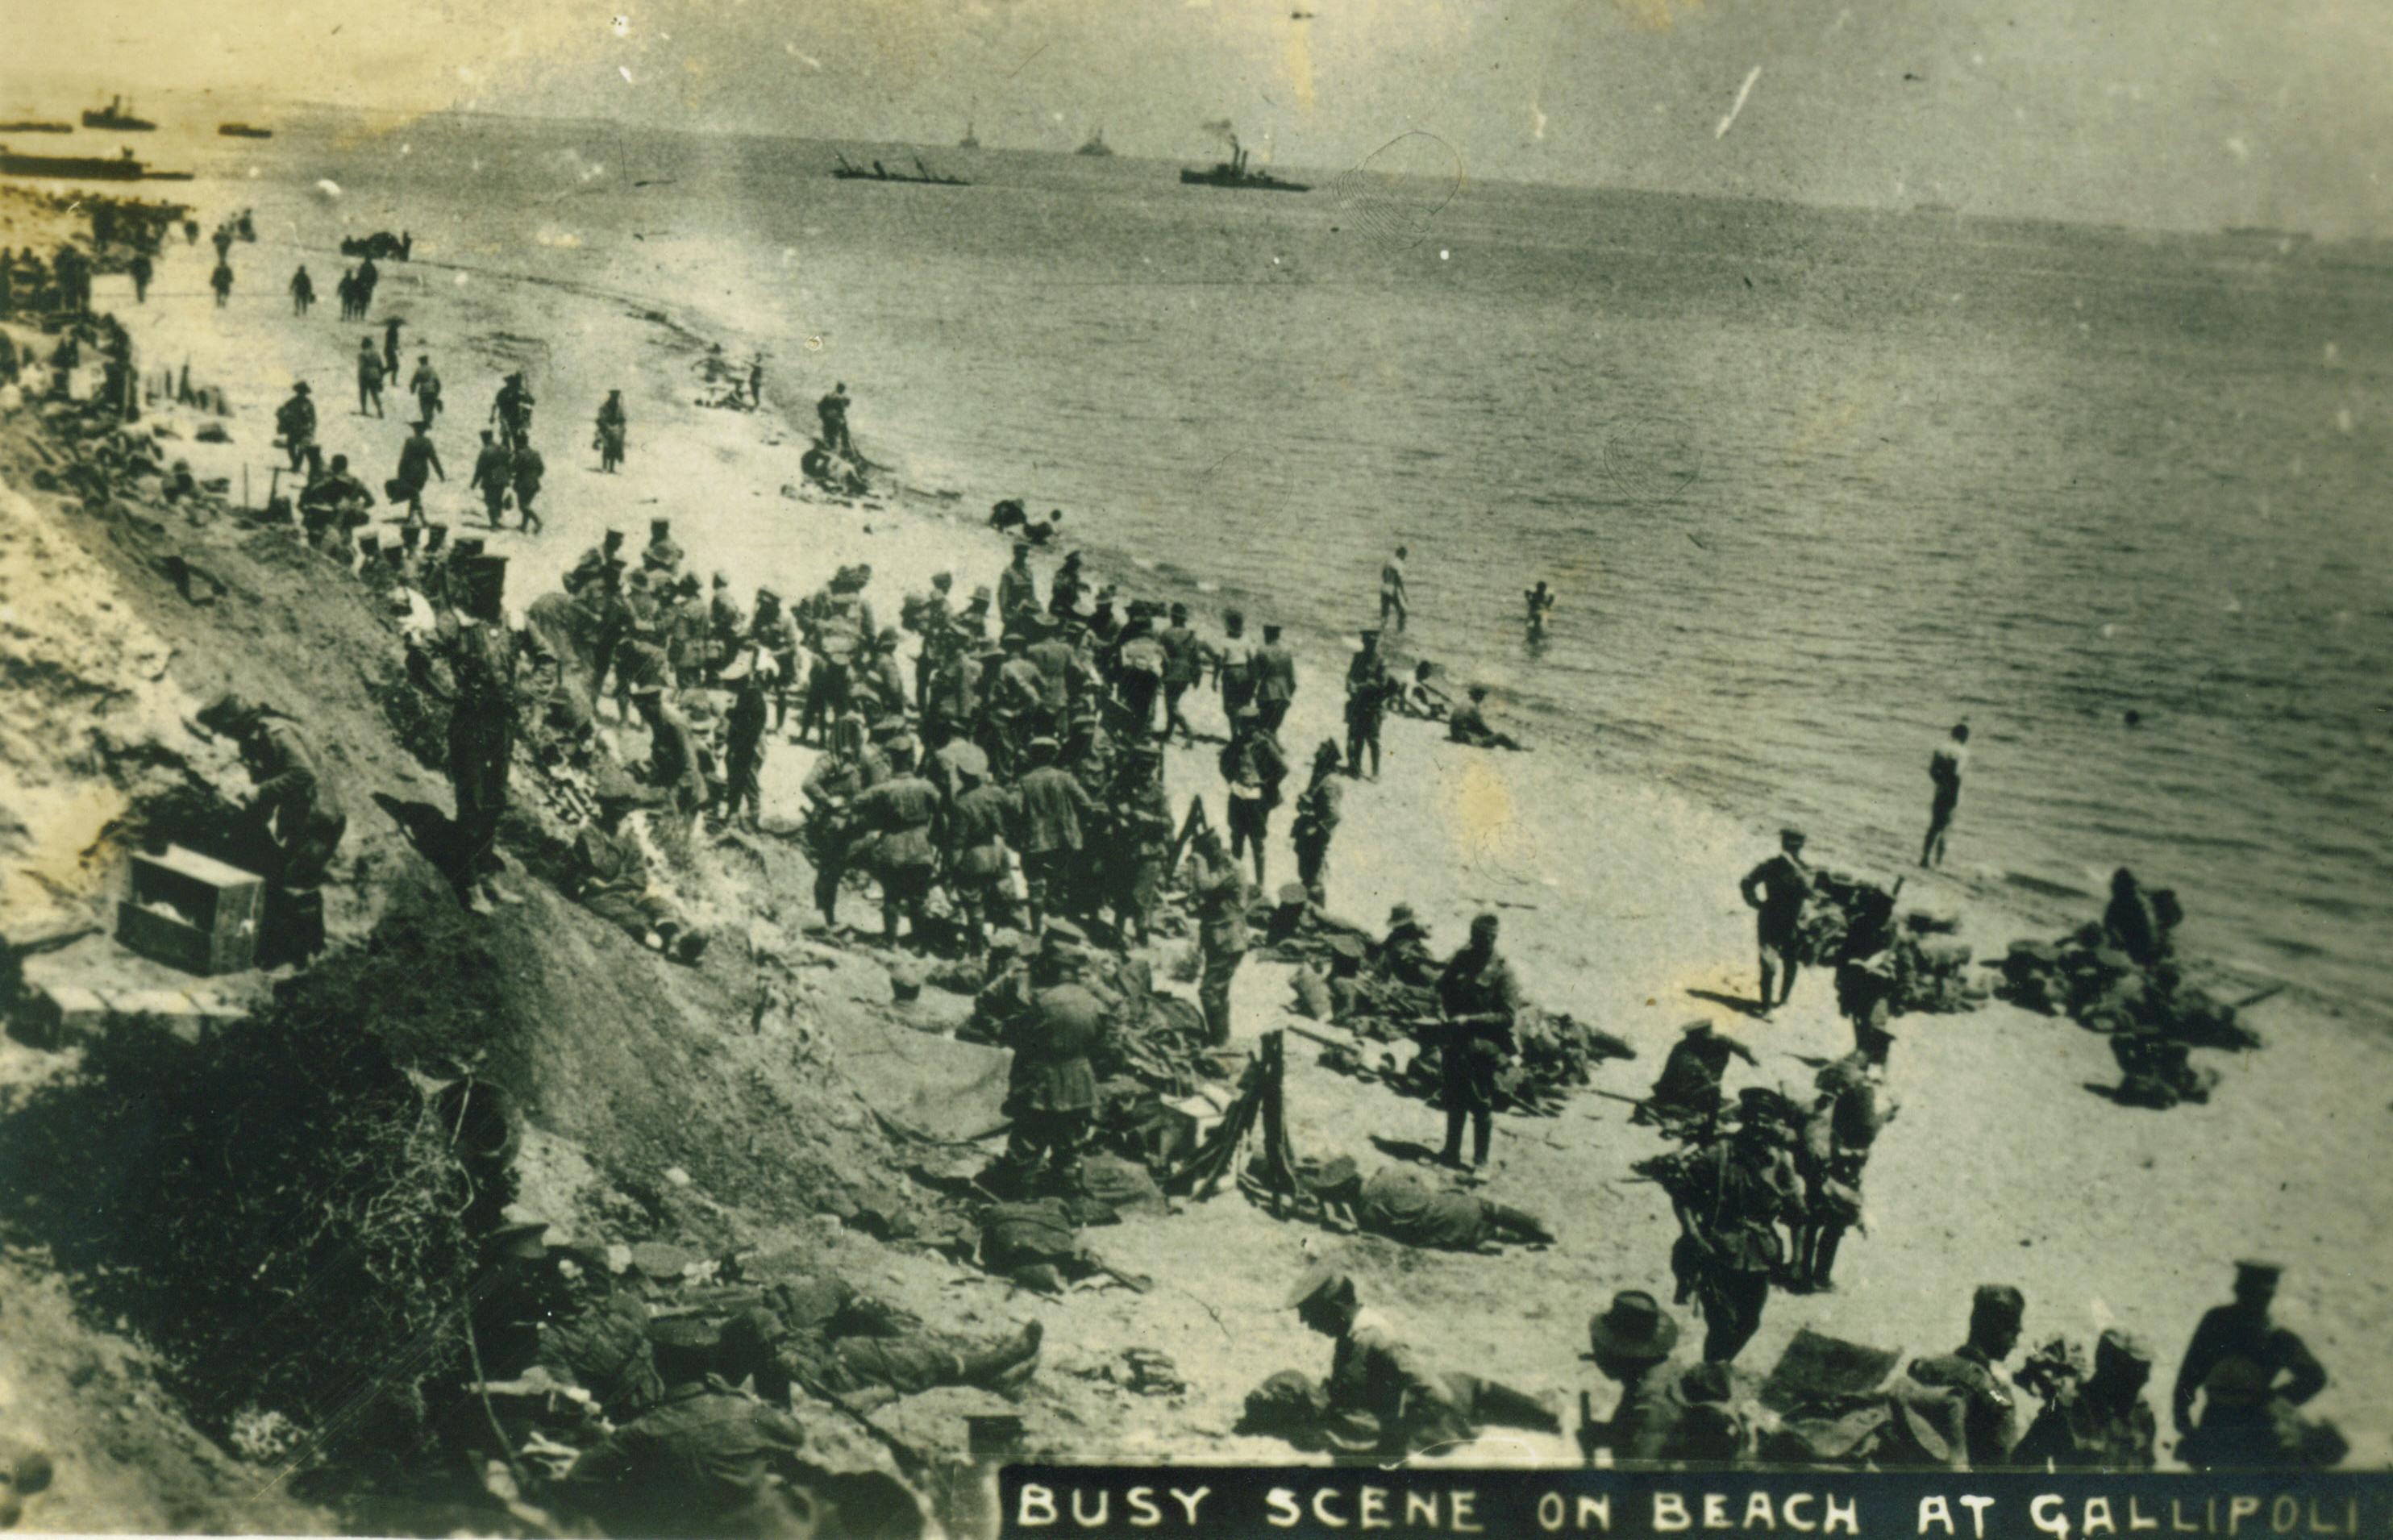 Gallipoli  Great War Photos